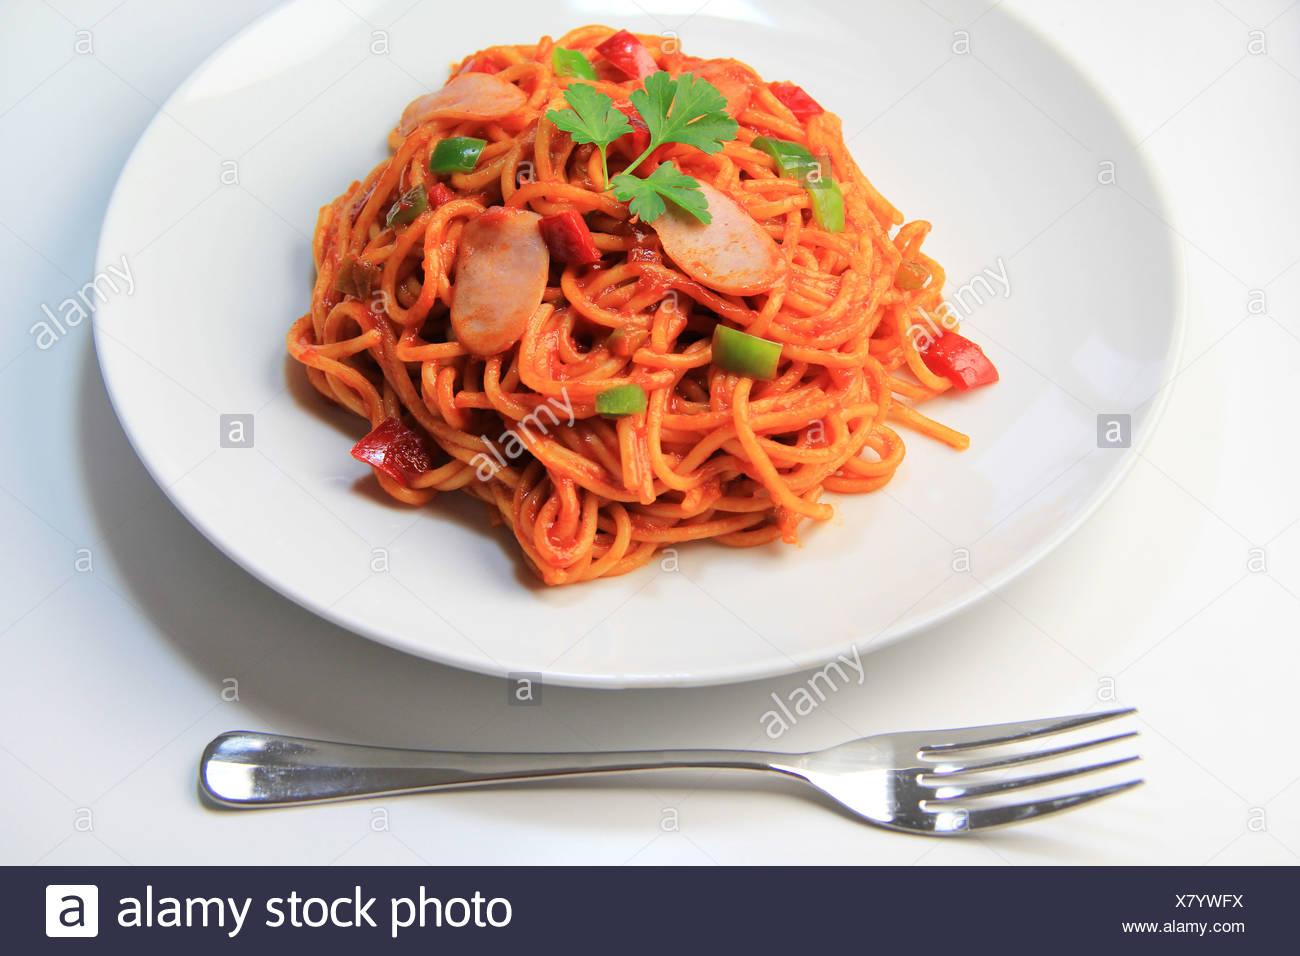 Spaghetti Napolitan Stock Photo Alamy